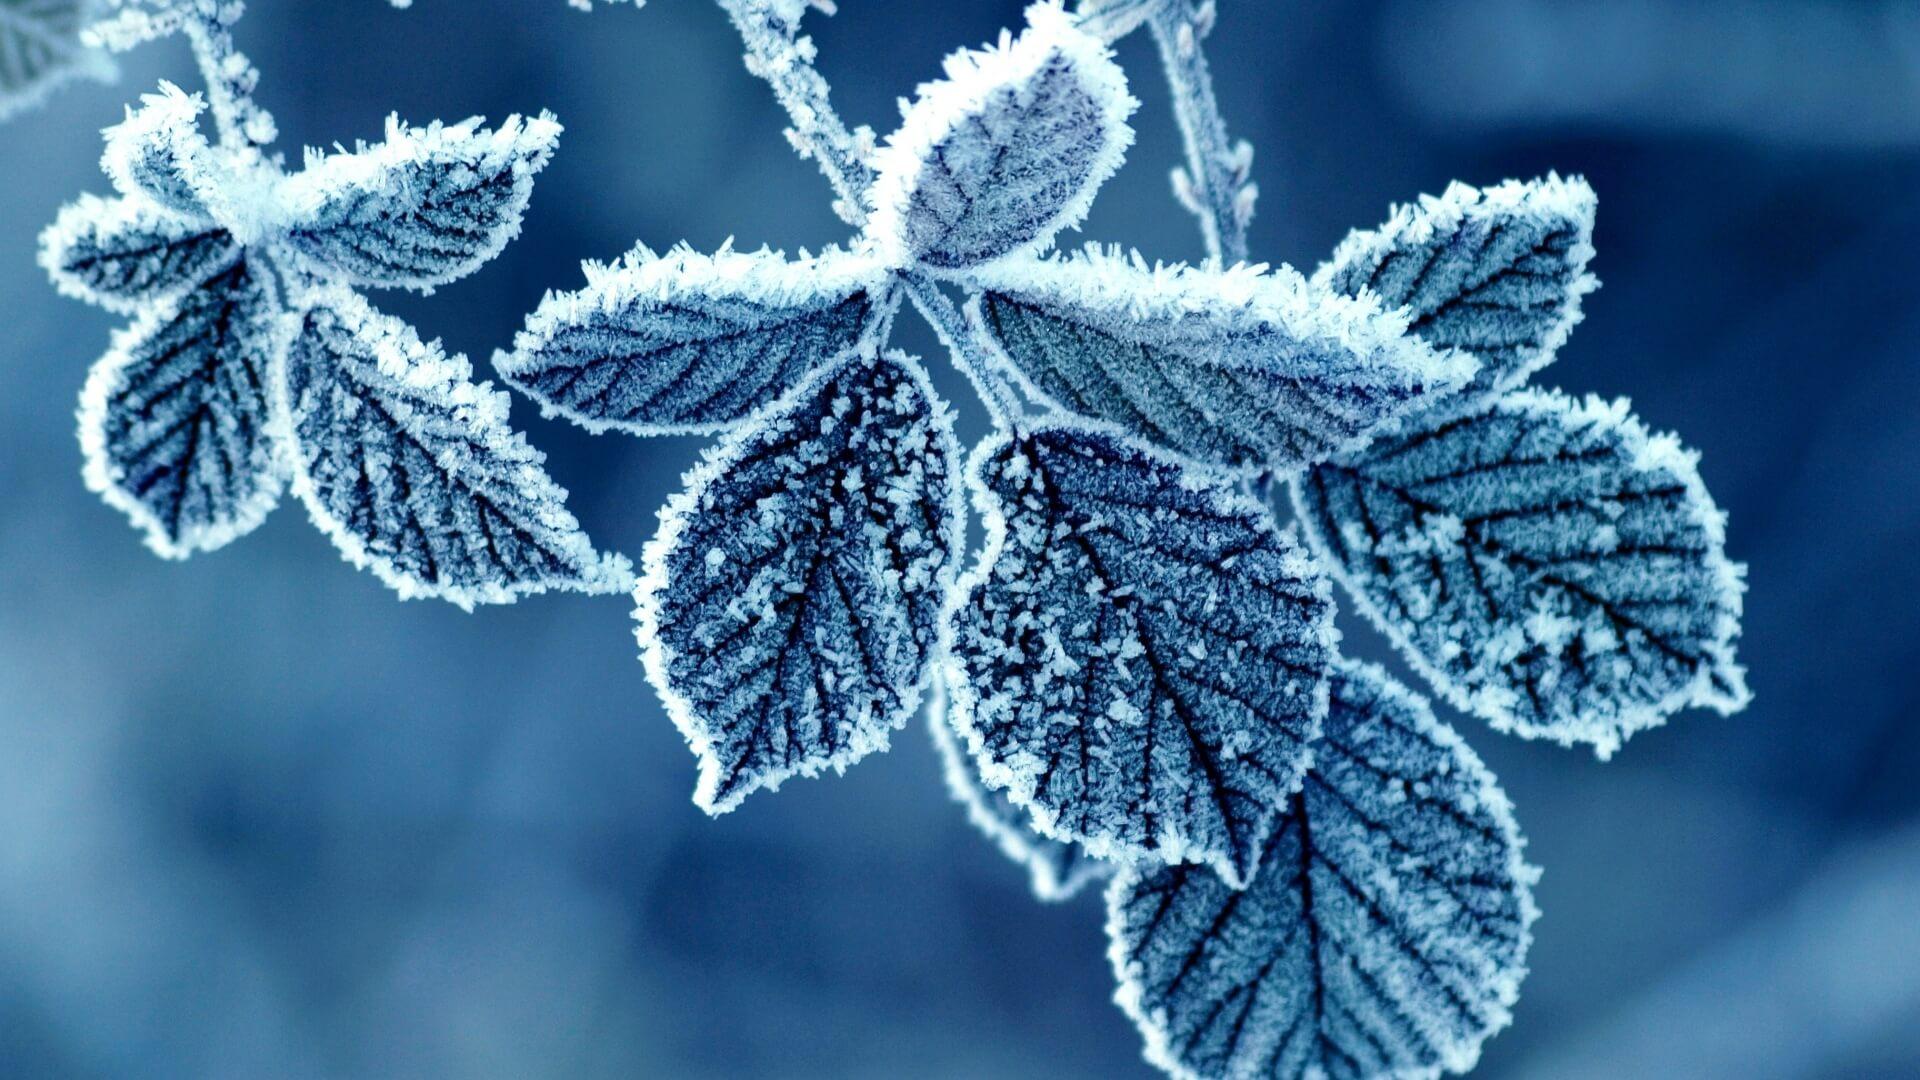 Скачать обои зимних картинок на телефон для заставки 7